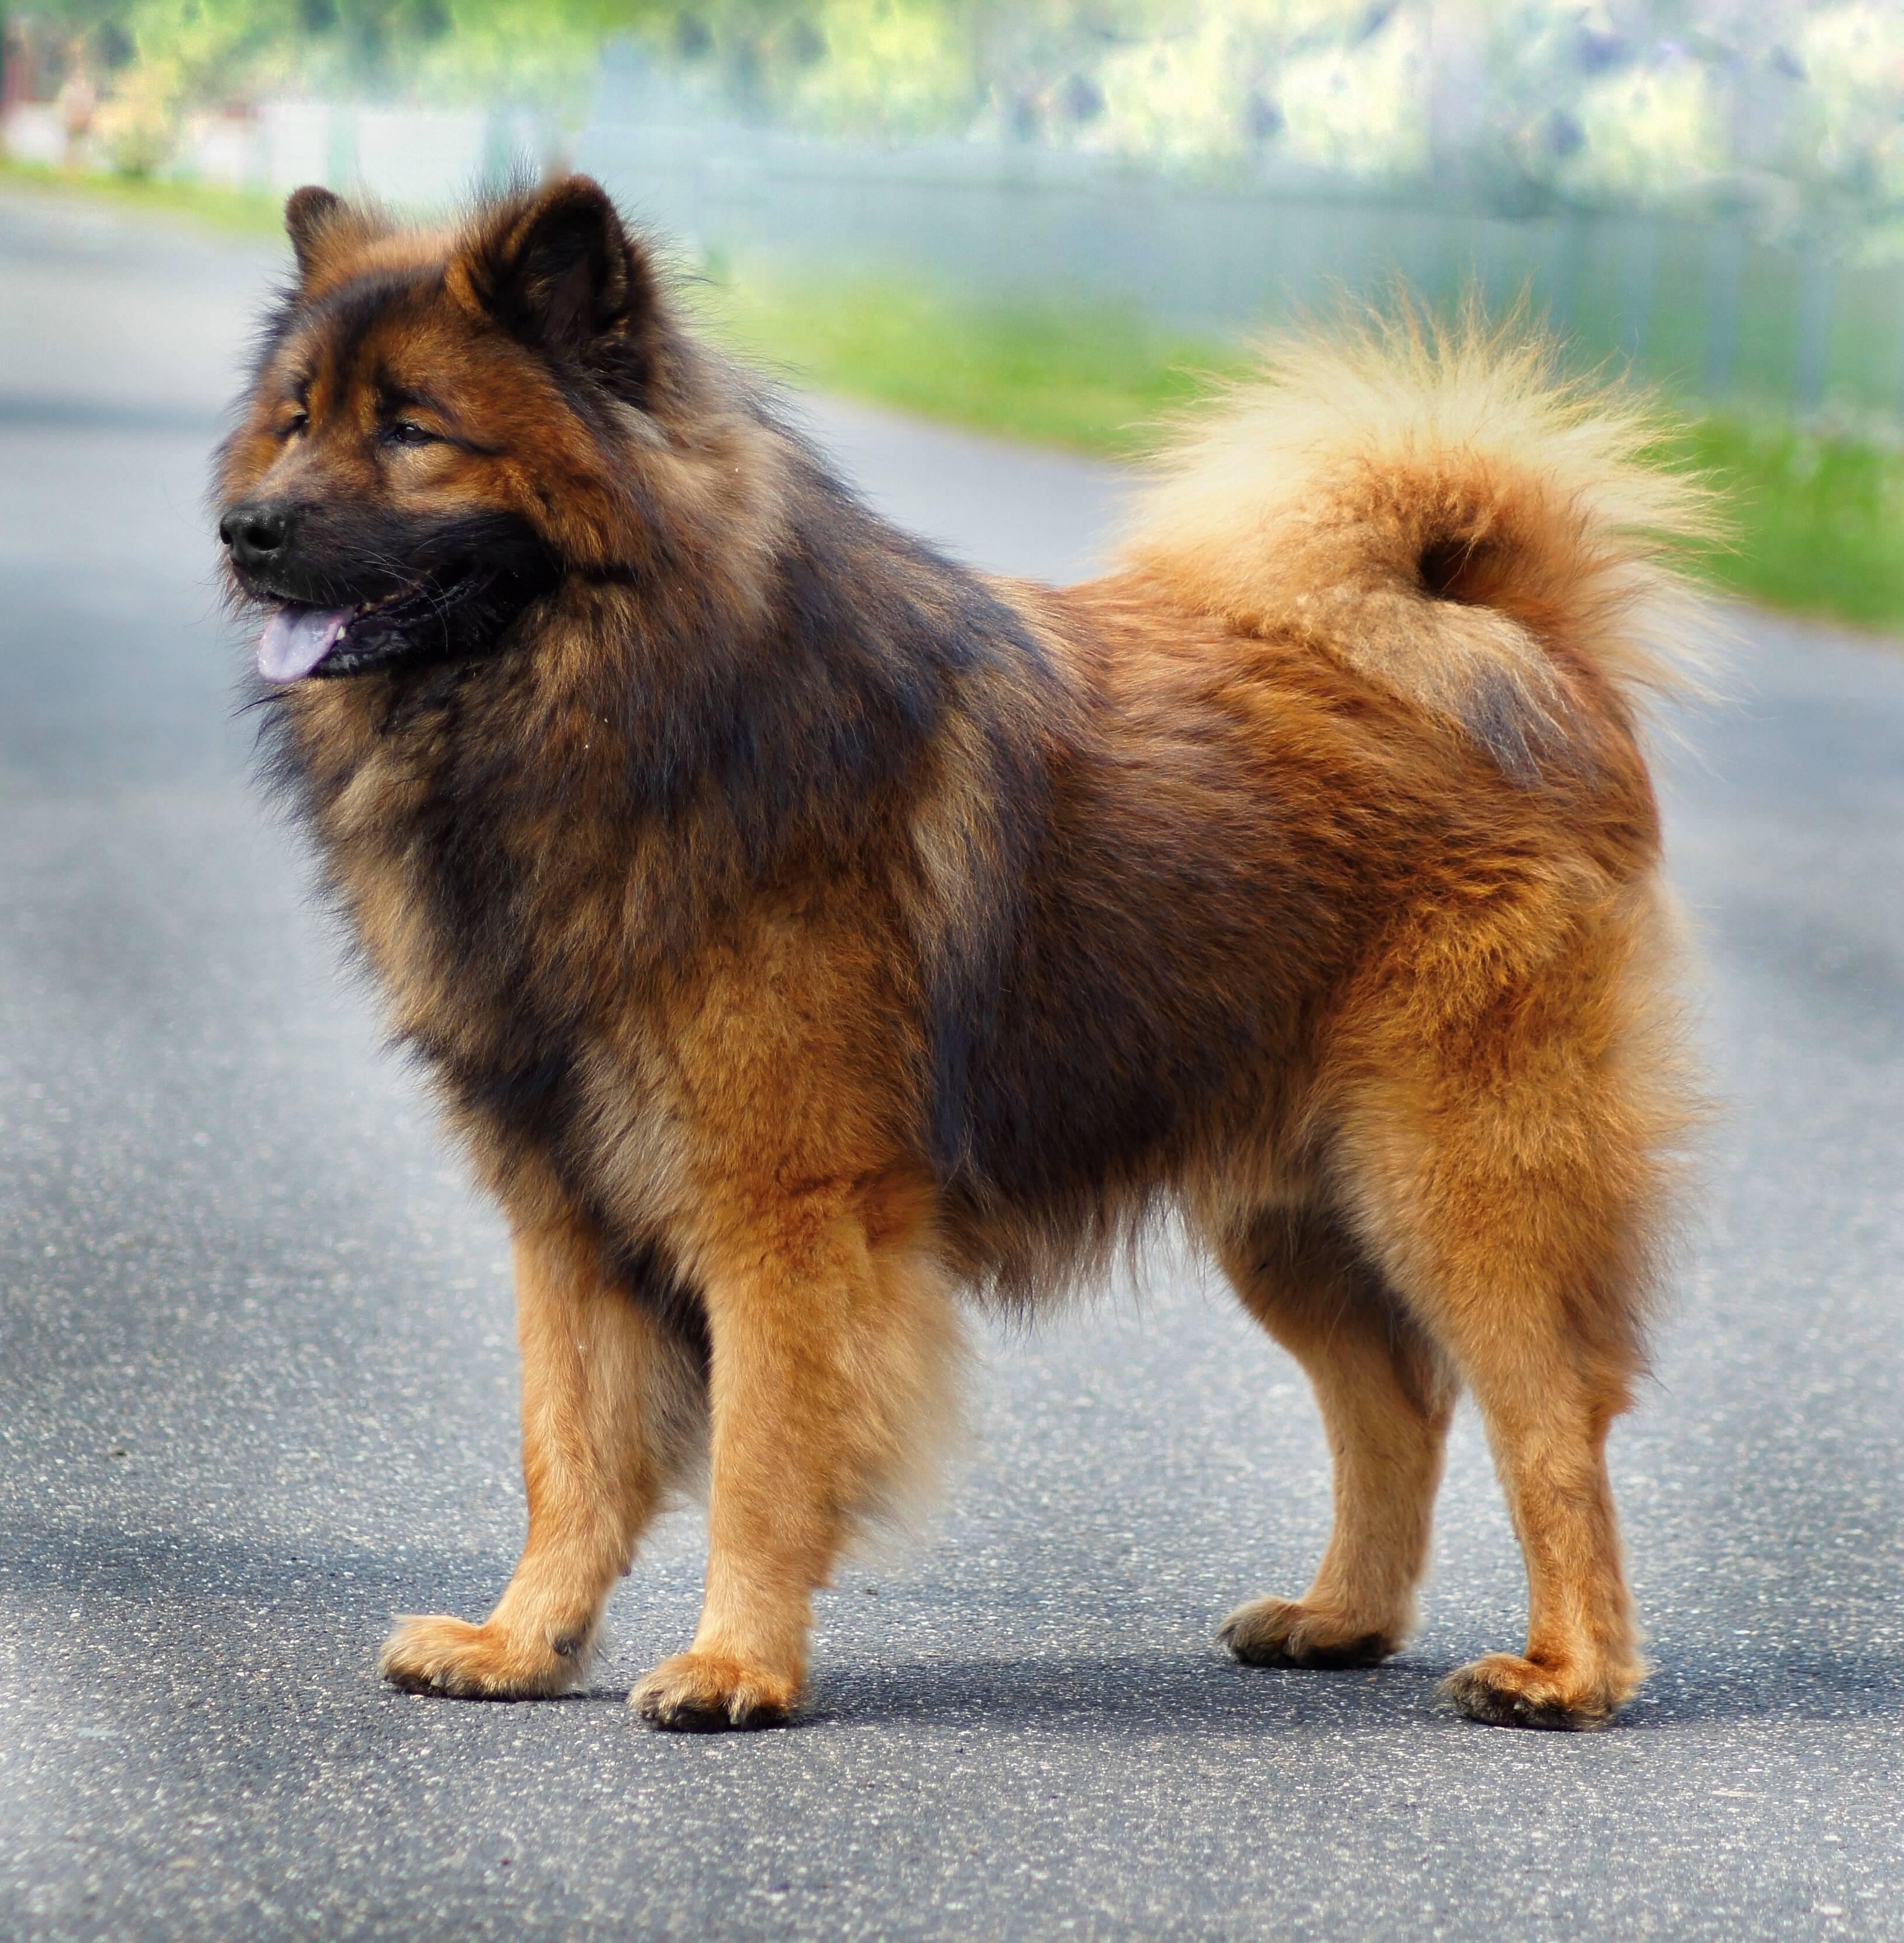 Маленькая, амбициозная собачка – карликовый шпиц или карликовый померанский шпиц